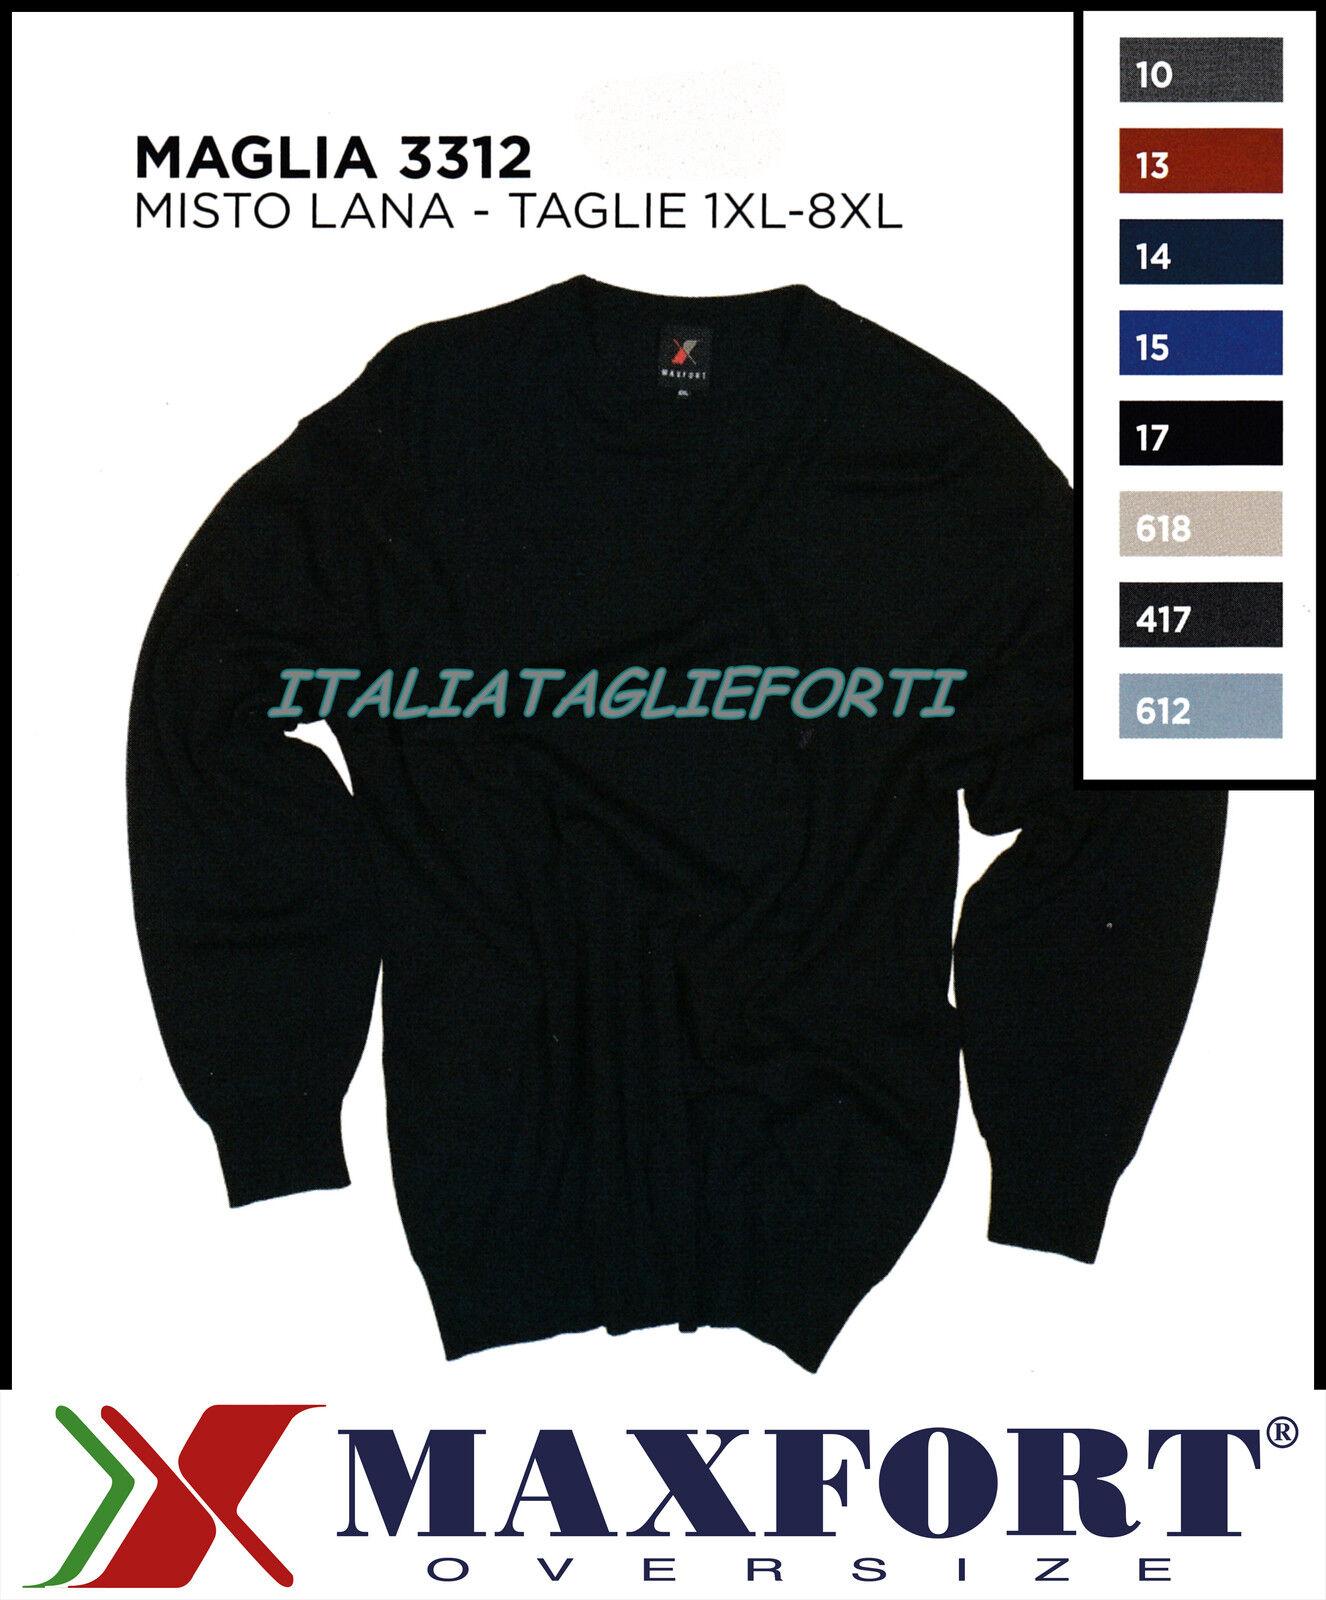 MAXFORT 3312 MAGLIA MAGLIONE MISTO LANA GIROCOLLO men TAGLIE FORTI XL 10XL POLO